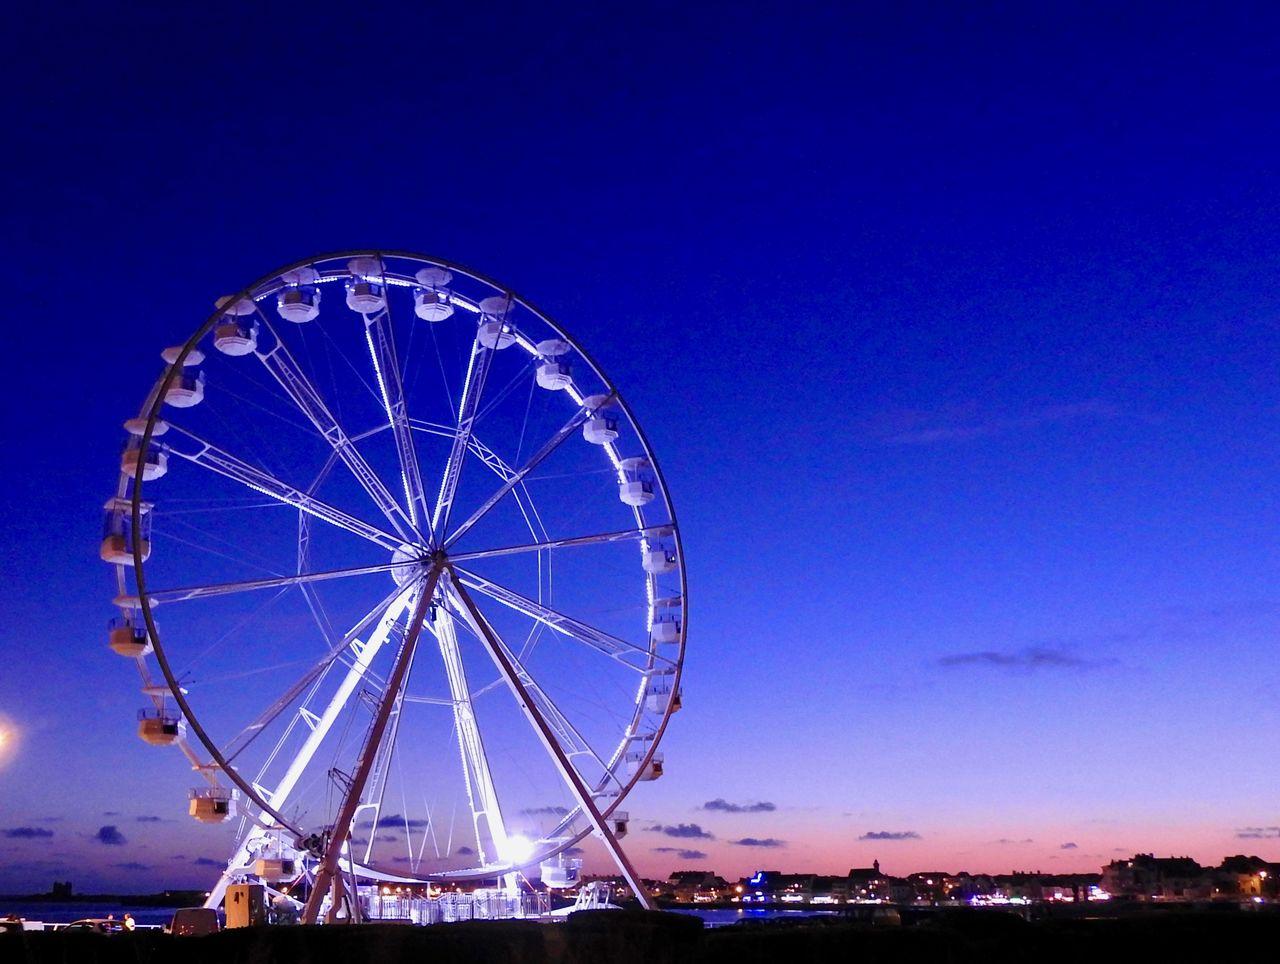 amusement park ride, amusement park, ferris wheel, sky, arts culture and entertainment, blue, nature, illuminated, architecture, no people, dusk, built structure, copy space, sunset, circle, clear sky, outdoors, shape, geometric shape, carnival, fairground